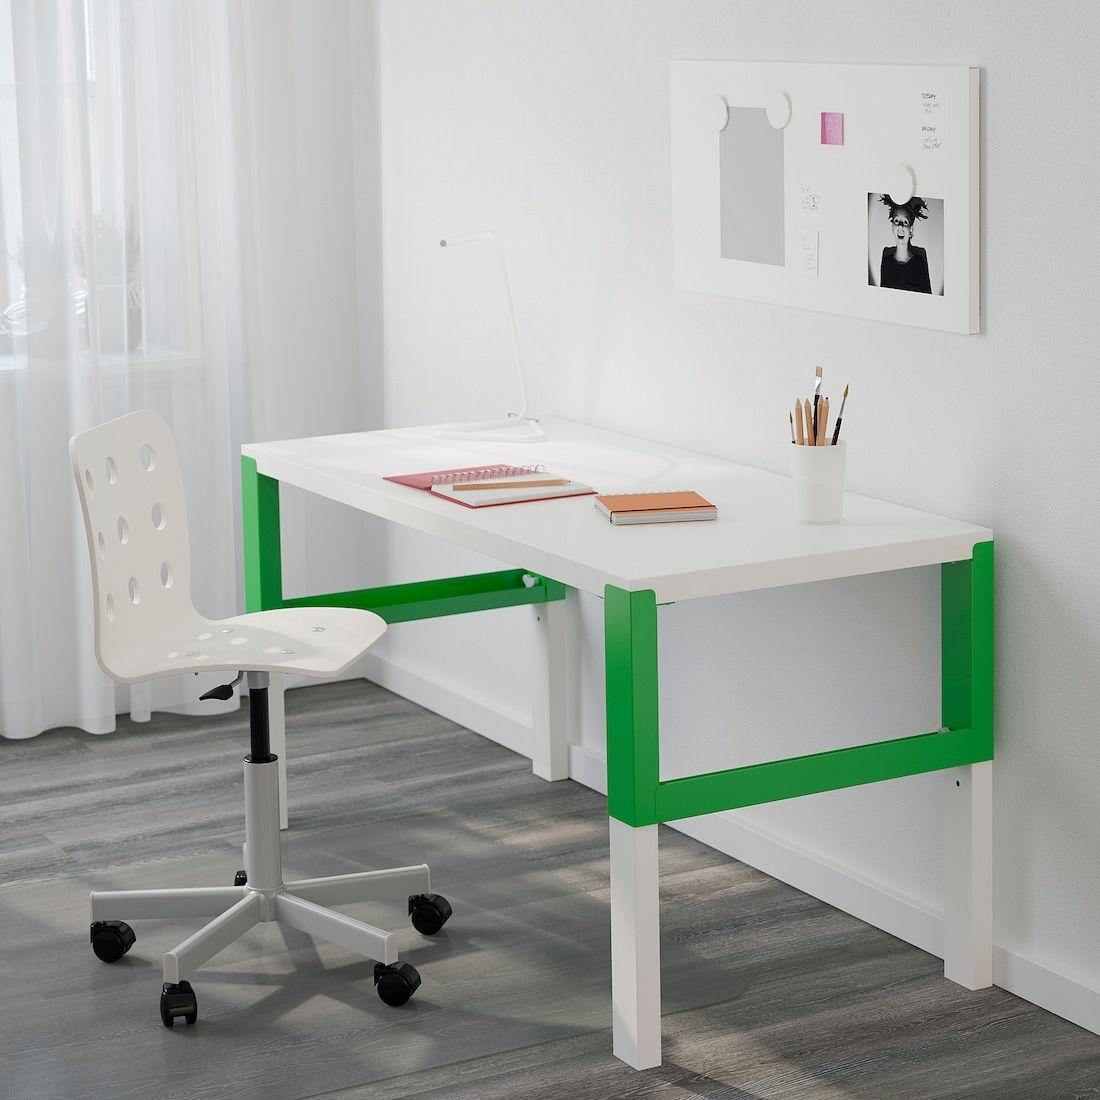 Pahl Schreibtisch Weiss Grun Ikea Deutschland In 2020 Schreibtisch Weiss Schreibtischideen Schreibtisch